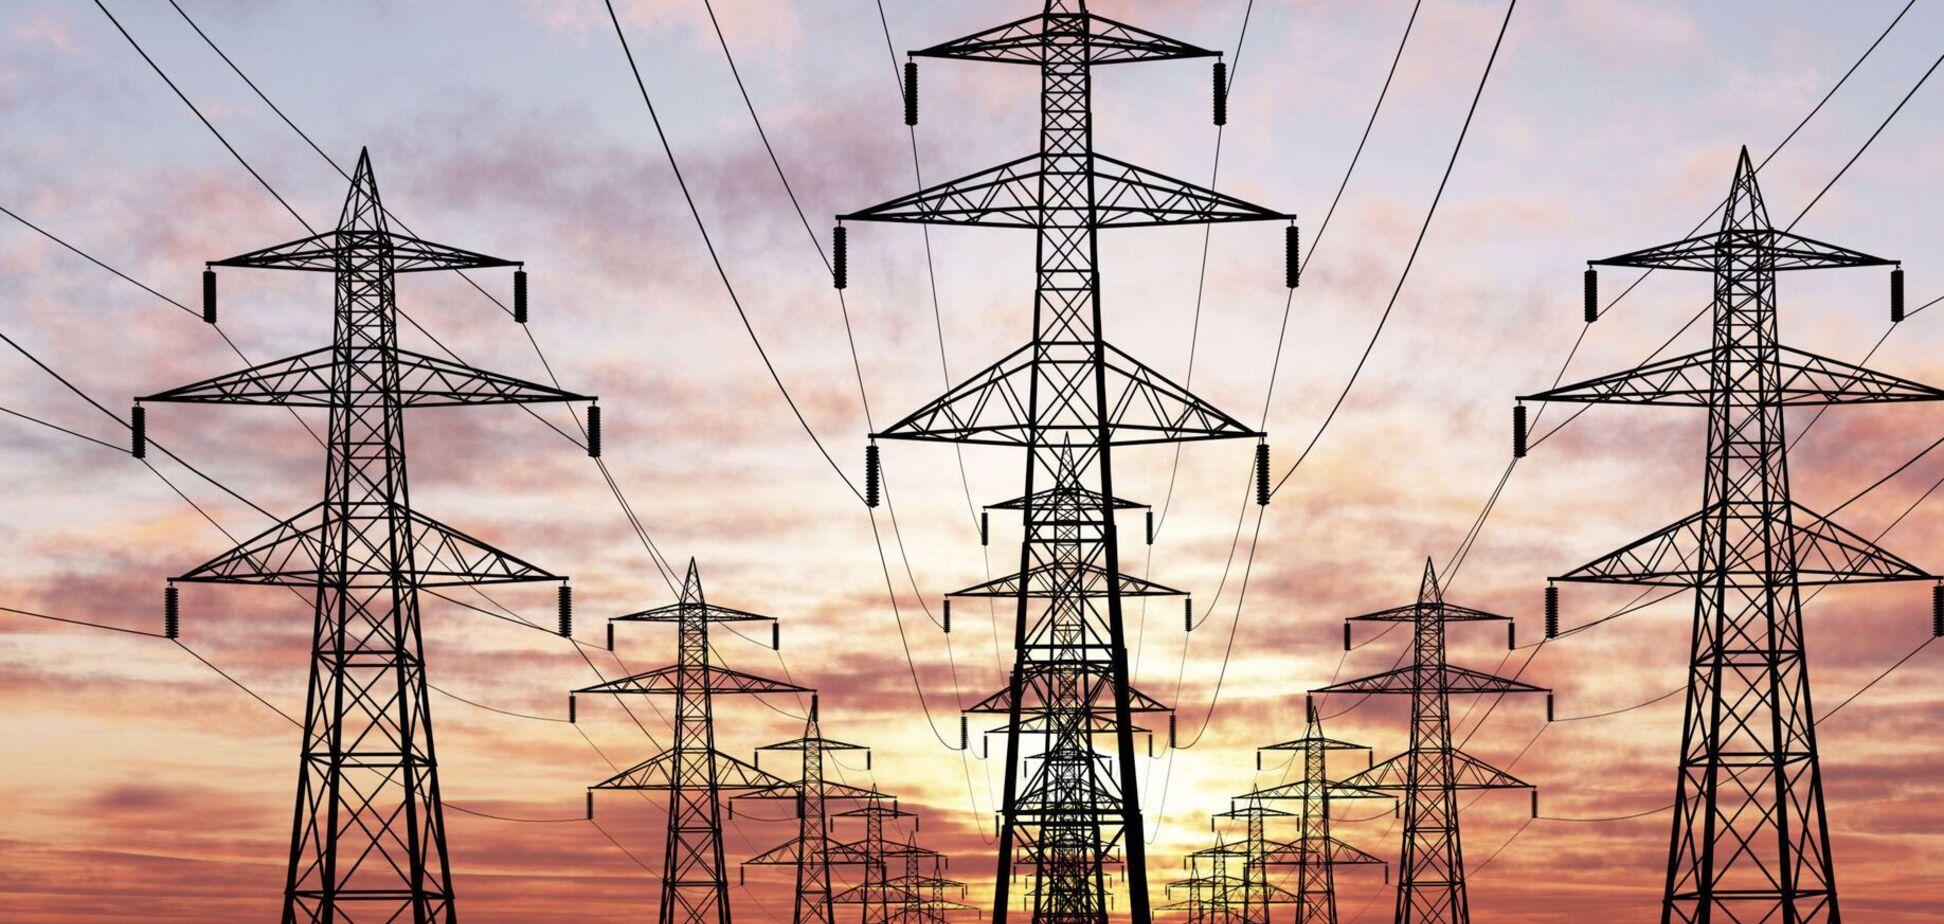 'Центренерго' продало рекордний обсяг електроенергії нижче собівартості - ЗМІ